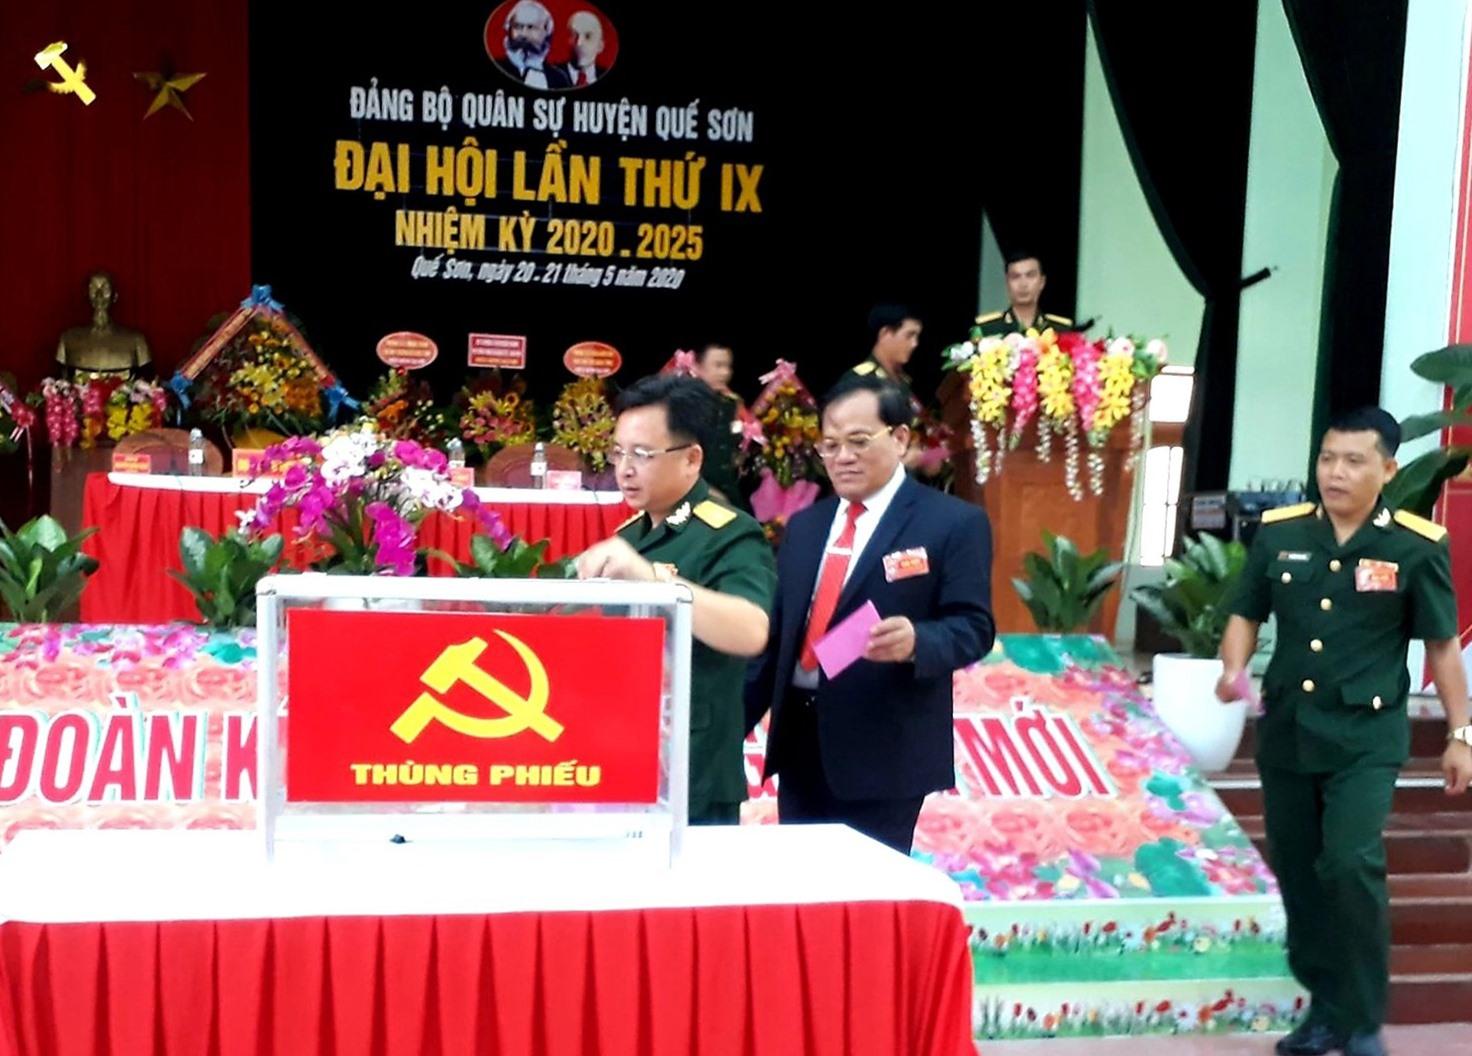 Bỏ phiếu bầu Ban Chấp hành Đảng bộ Quân sự huyện Quế Sơn nhiệm kỳ 2020 - 2025. Ảnh: T.S